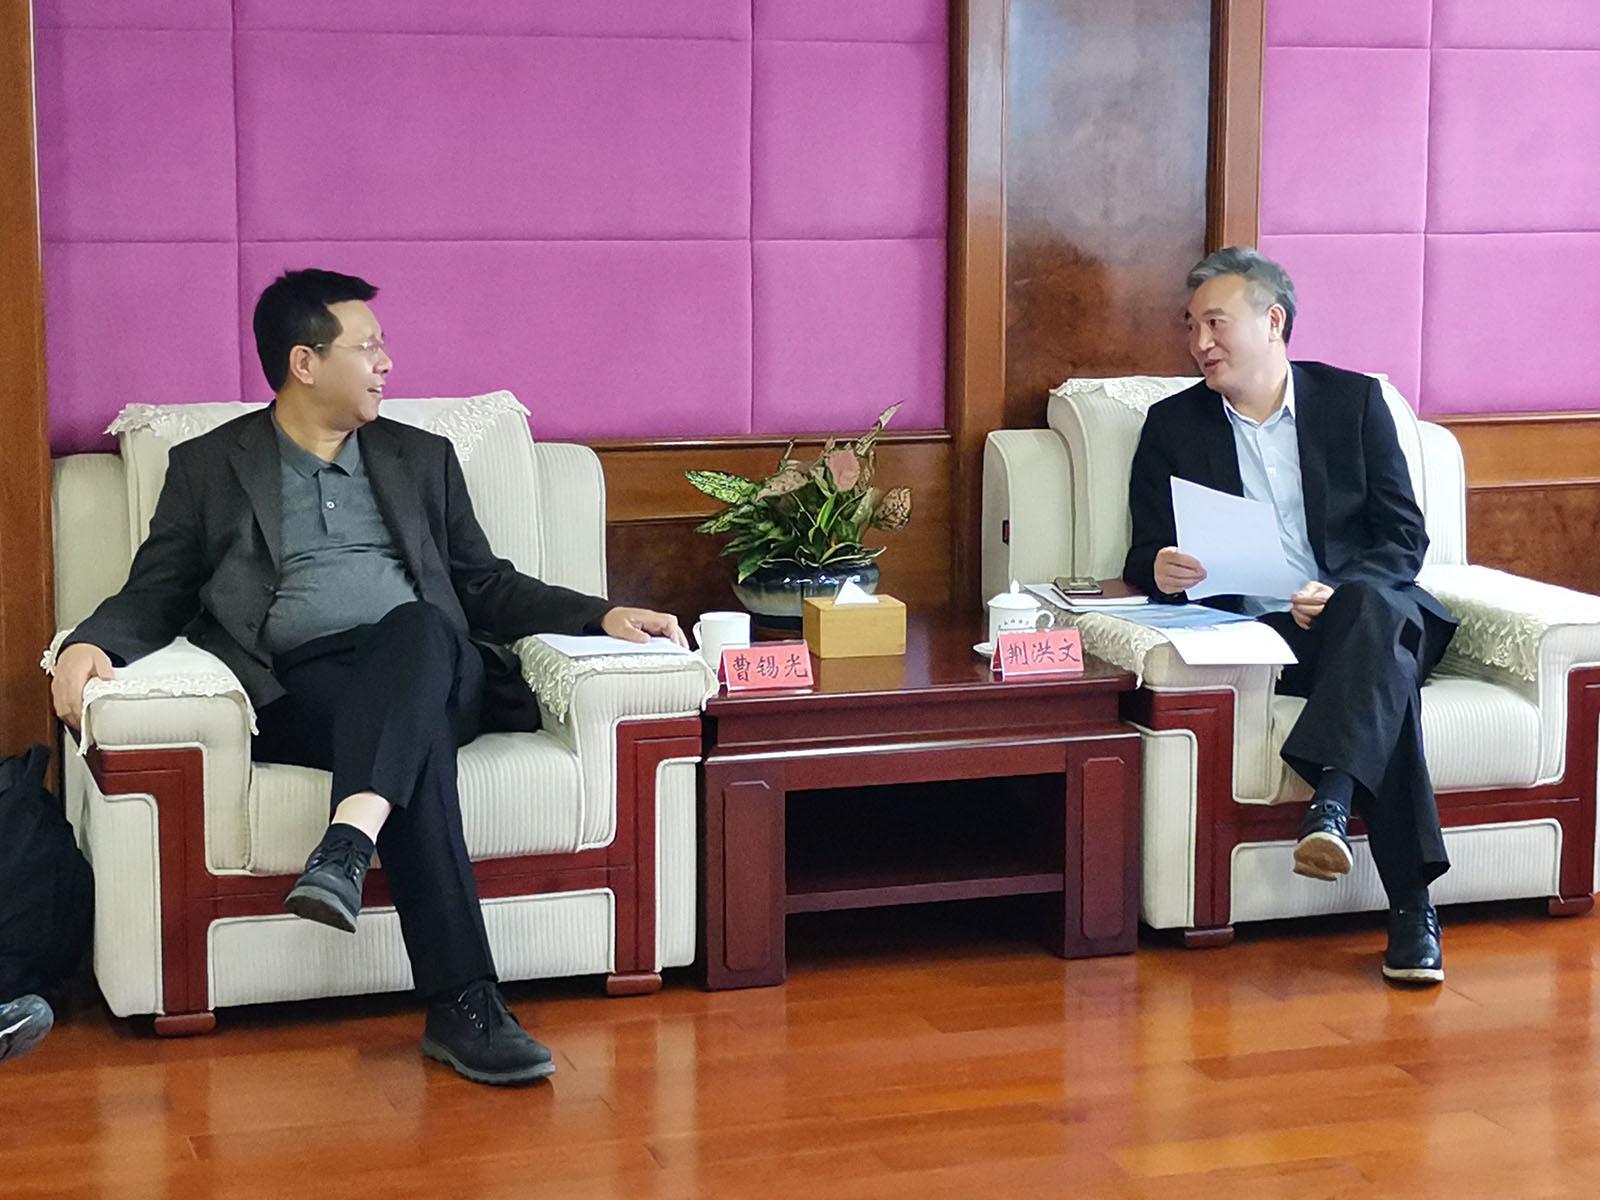 11月14日与珠海市政府首次洽谈教科城項目3